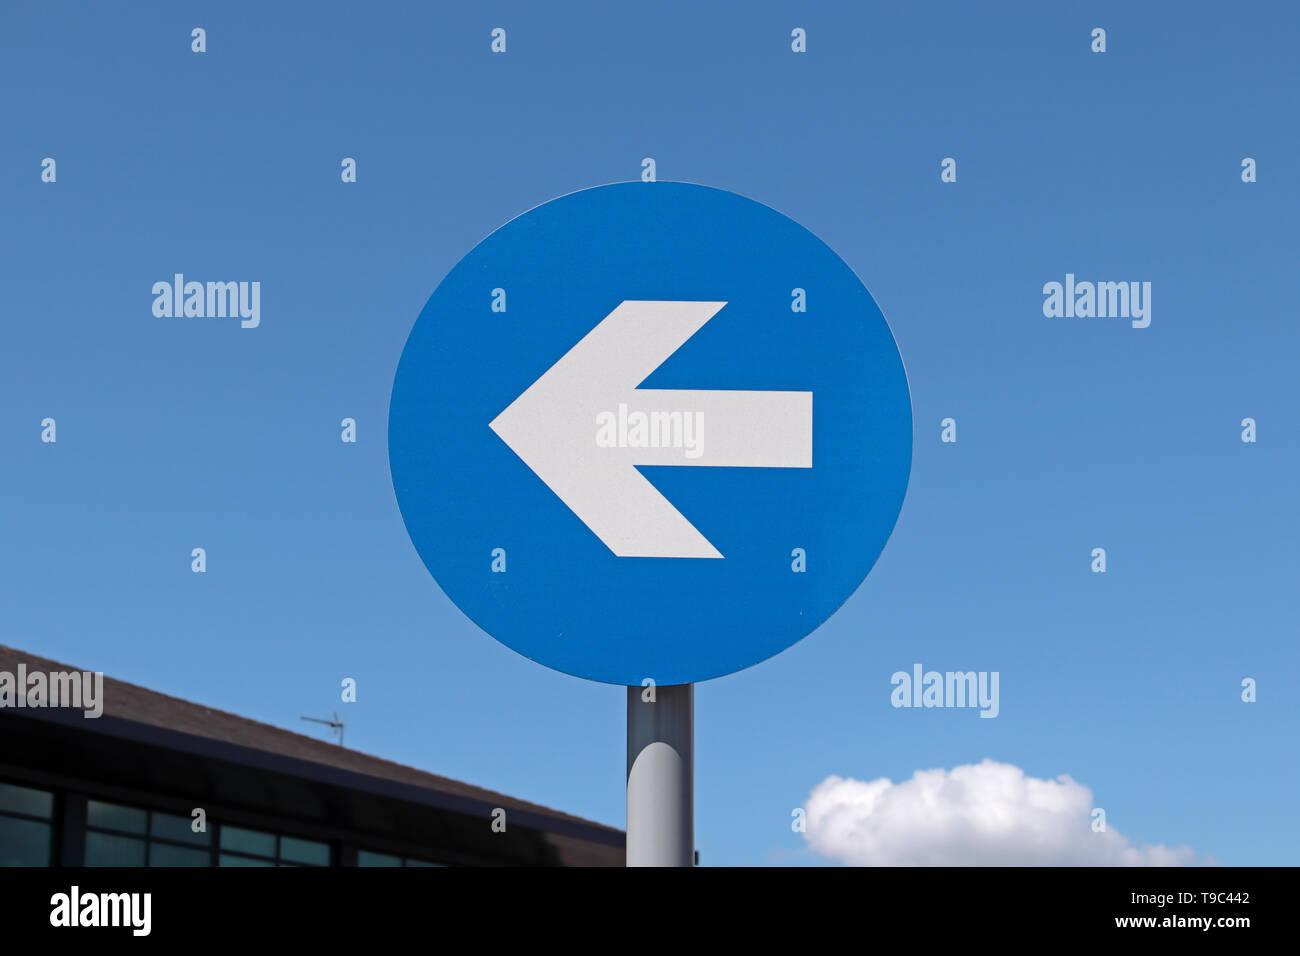 """Blanco reflectante en brillante azul reflectante """"Keep Left"""" signo contra un cielo azul claro Foto de stock"""